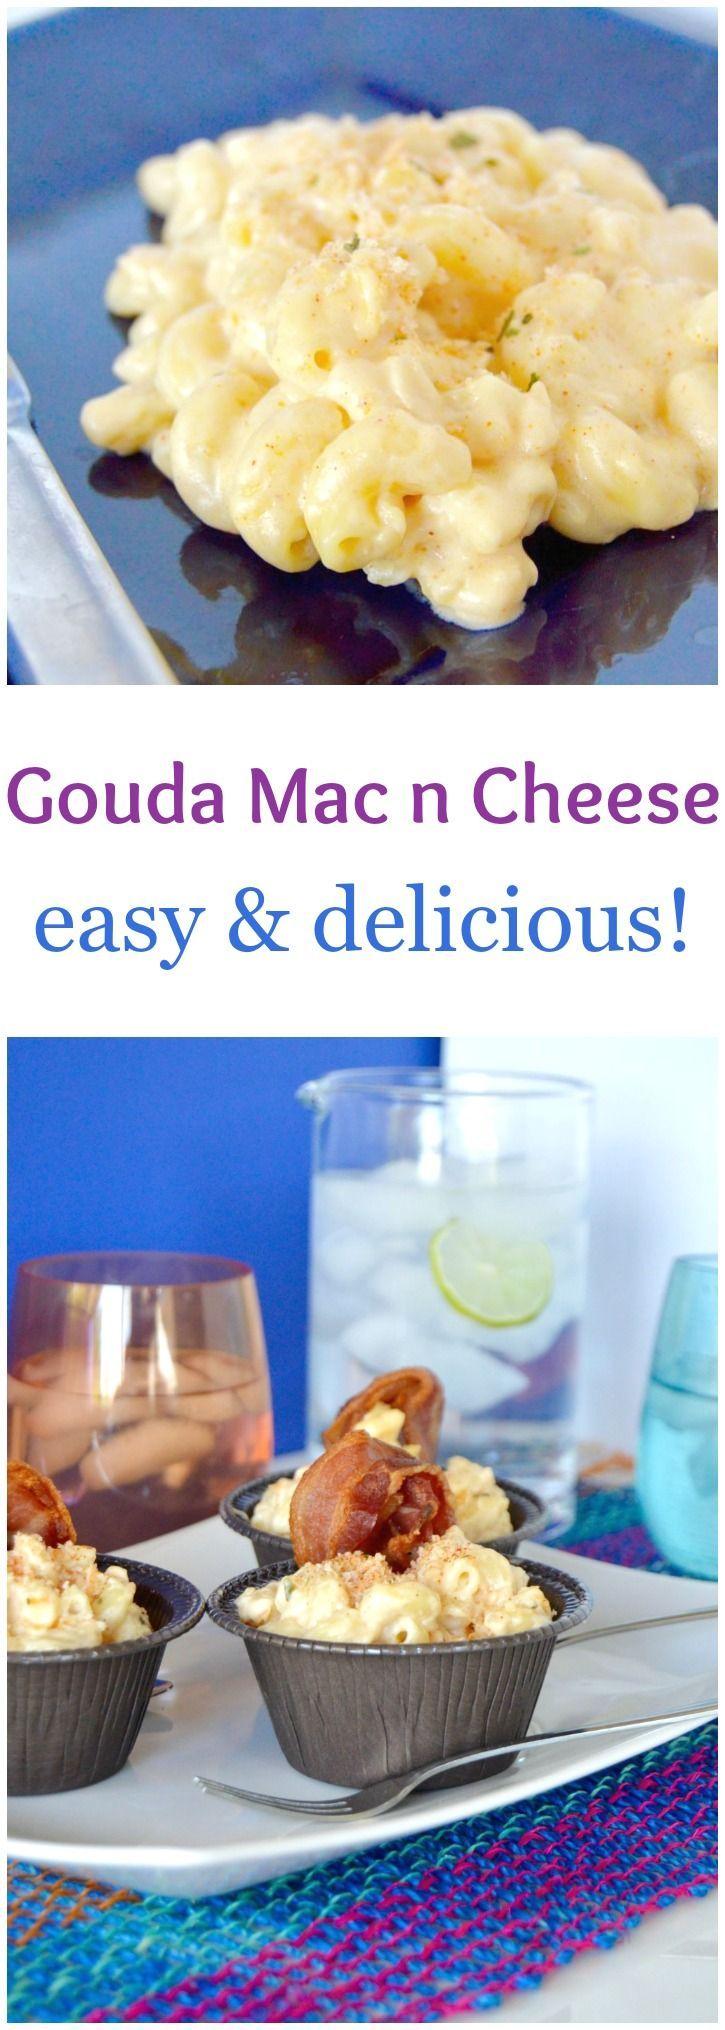 Dieser Gouda Mac n Cheese hat eigentlich 2 Sorten Gouda und einen Überraschungskäse! … – PASTA RICE PIZZA CASUAL RECIPES FOR COMPANY